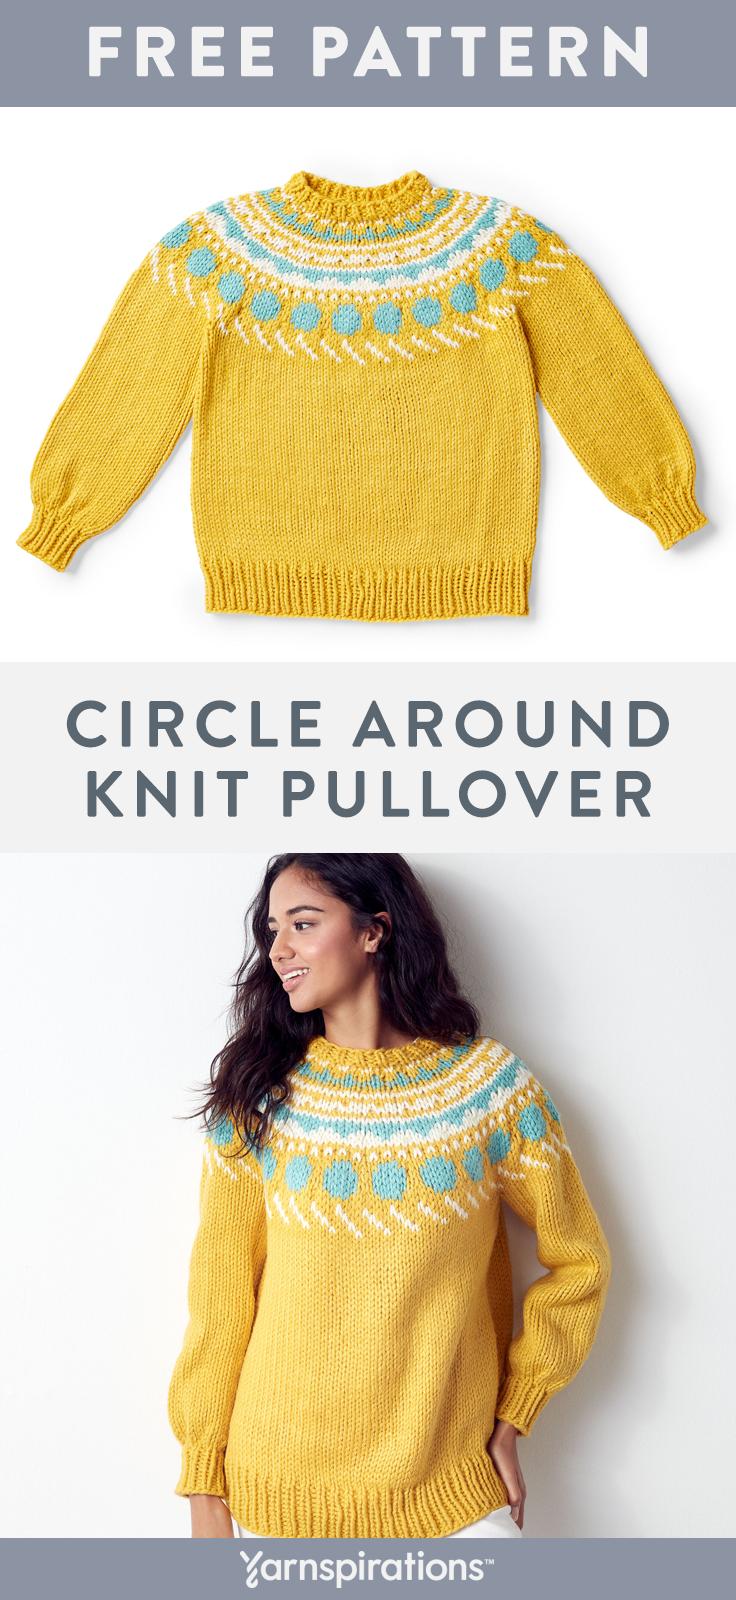 Free knit pattern using Bernat Softee Chunky yarn. Free ...